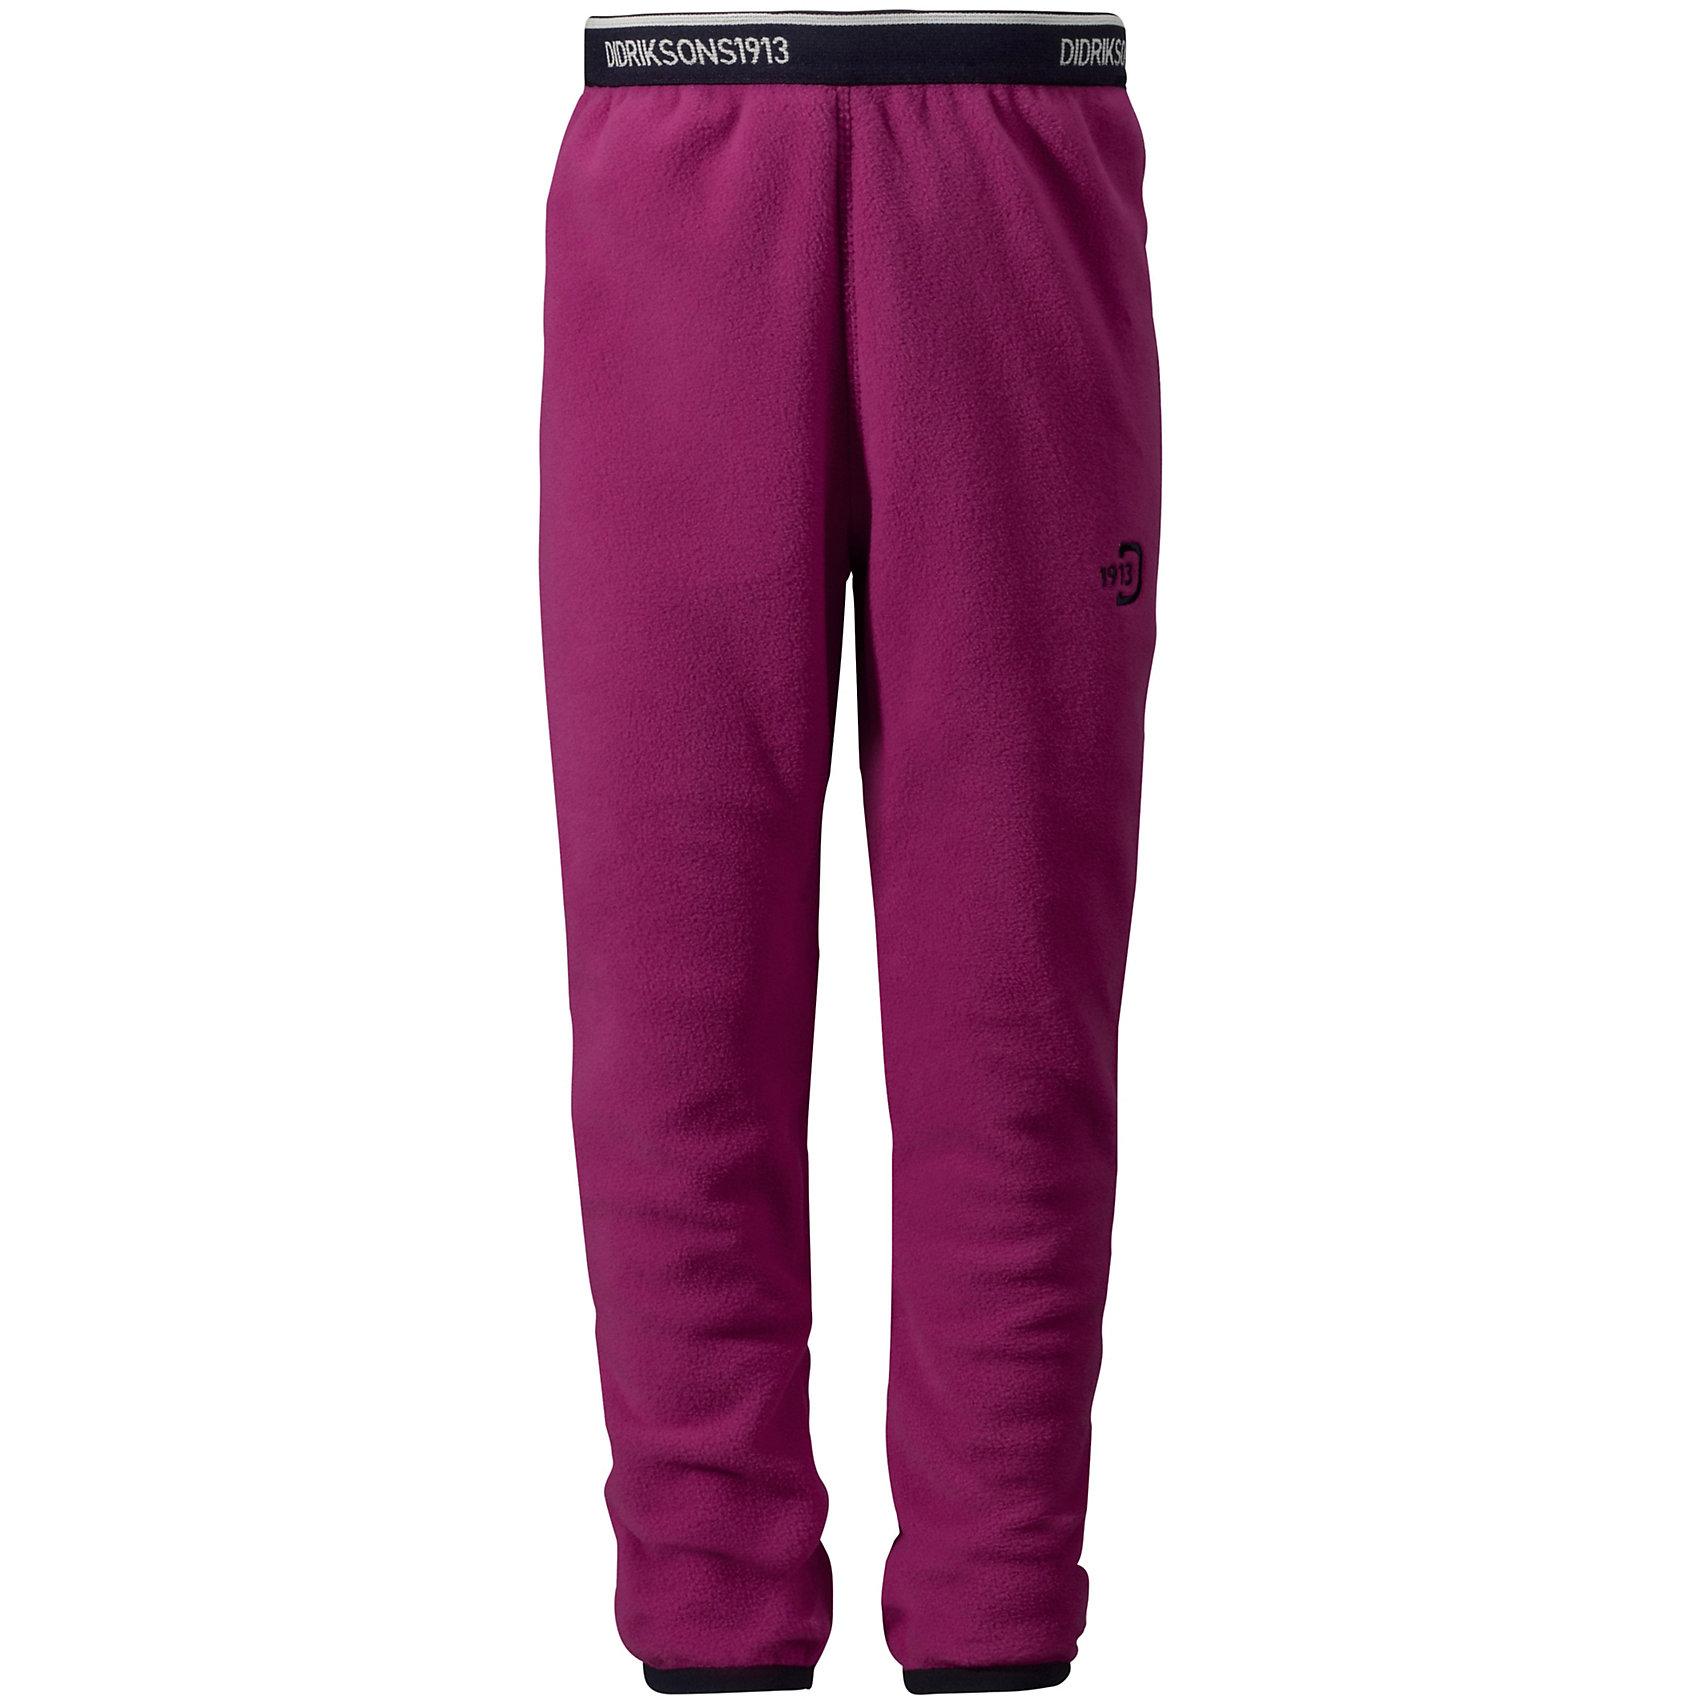 Брюки флисовые Monte DIDRIKSONSФлис и термобелье<br>Характеристики товара:<br><br>• цвет: фиолетовый<br>• материал: 100% полиэстер<br>• флис<br>• резинка на поясе<br>• можно надевать под одежду<br>• страна бренда: Швеция<br>• страна производства: Китай<br><br>Такие мягкие брюки сейчас очень популярны у детей! Это не только стильно, но еще и очень комфортно, а также тепло. Качественные флисовые брюки обеспечат ребенку удобство при прогулках и активном отдыхе в прохладные дне, в межсезонье или зимой. Такая модель от шведского производителя легко стирается, подходит под разные погодные условия.<br>Модель сшита из качественной мягкой ткани, которая позволяет телу дышать, она очень приятна на ощупь. Очень стильная и удобная модель! Изделие качественно выполнено, сделано из безопасных для детей материалов. <br><br>Брюки для девочки от бренда DIDRIKSONS можно купить в нашем интернет-магазине.<br><br>Ширина мм: 215<br>Глубина мм: 88<br>Высота мм: 191<br>Вес г: 336<br>Цвет: фиолетовый<br>Возраст от месяцев: 36<br>Возраст до месяцев: 48<br>Пол: Женский<br>Возраст: Детский<br>Размер: 100<br>SKU: 5043875